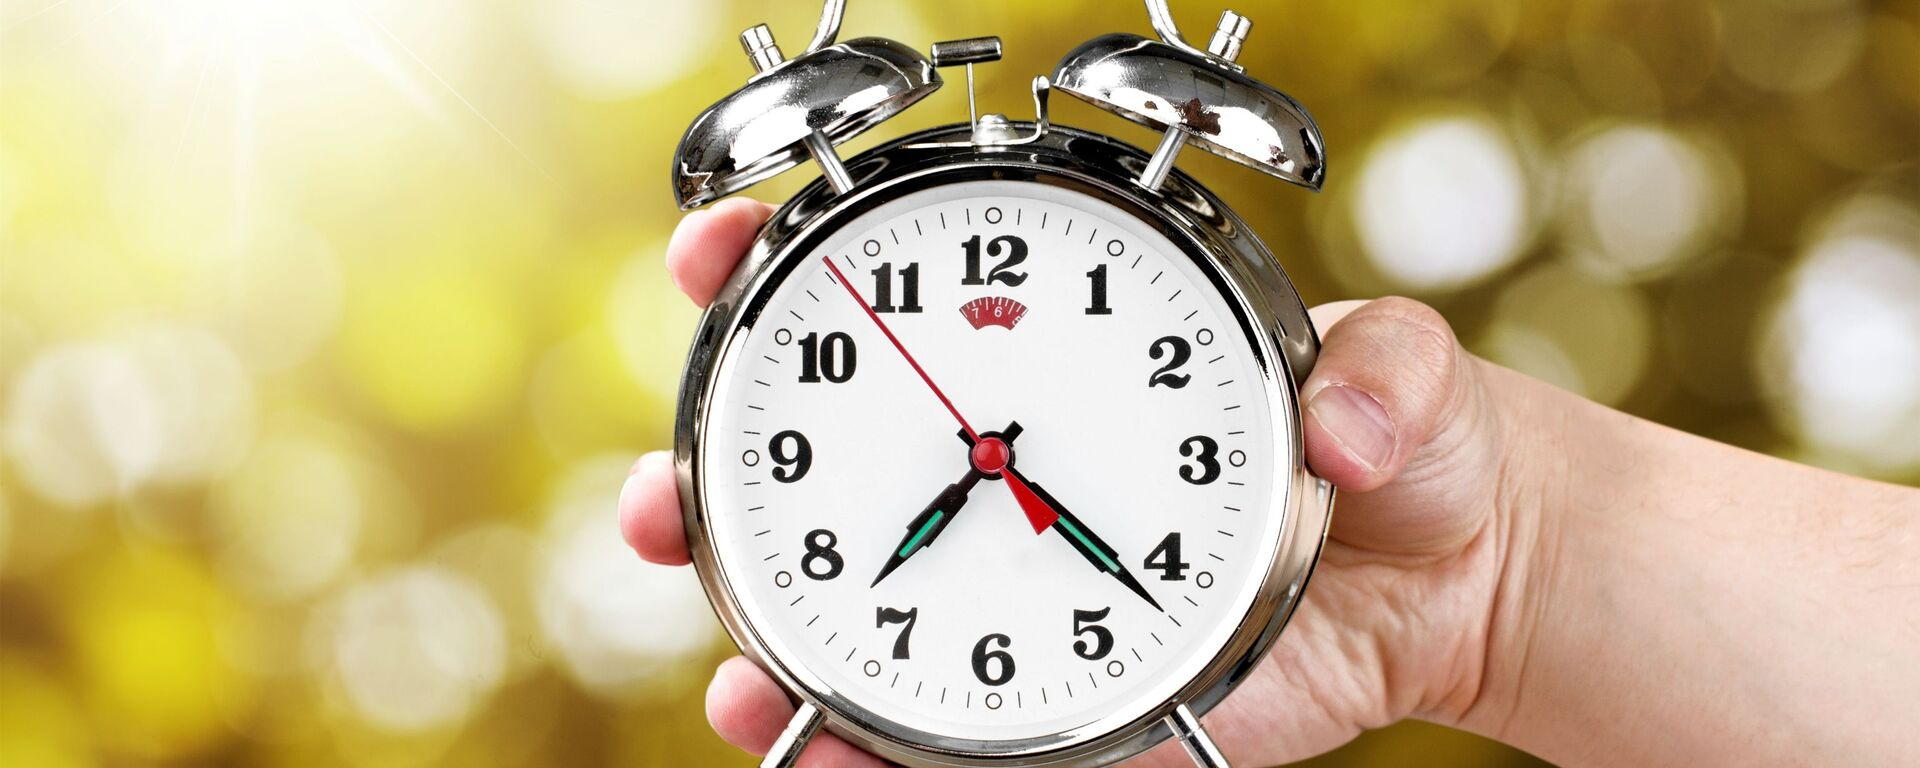 Sat dva puta godišnje pomera oko 70 zemalja... - Sputnik Srbija, 1920, 12.10.2020